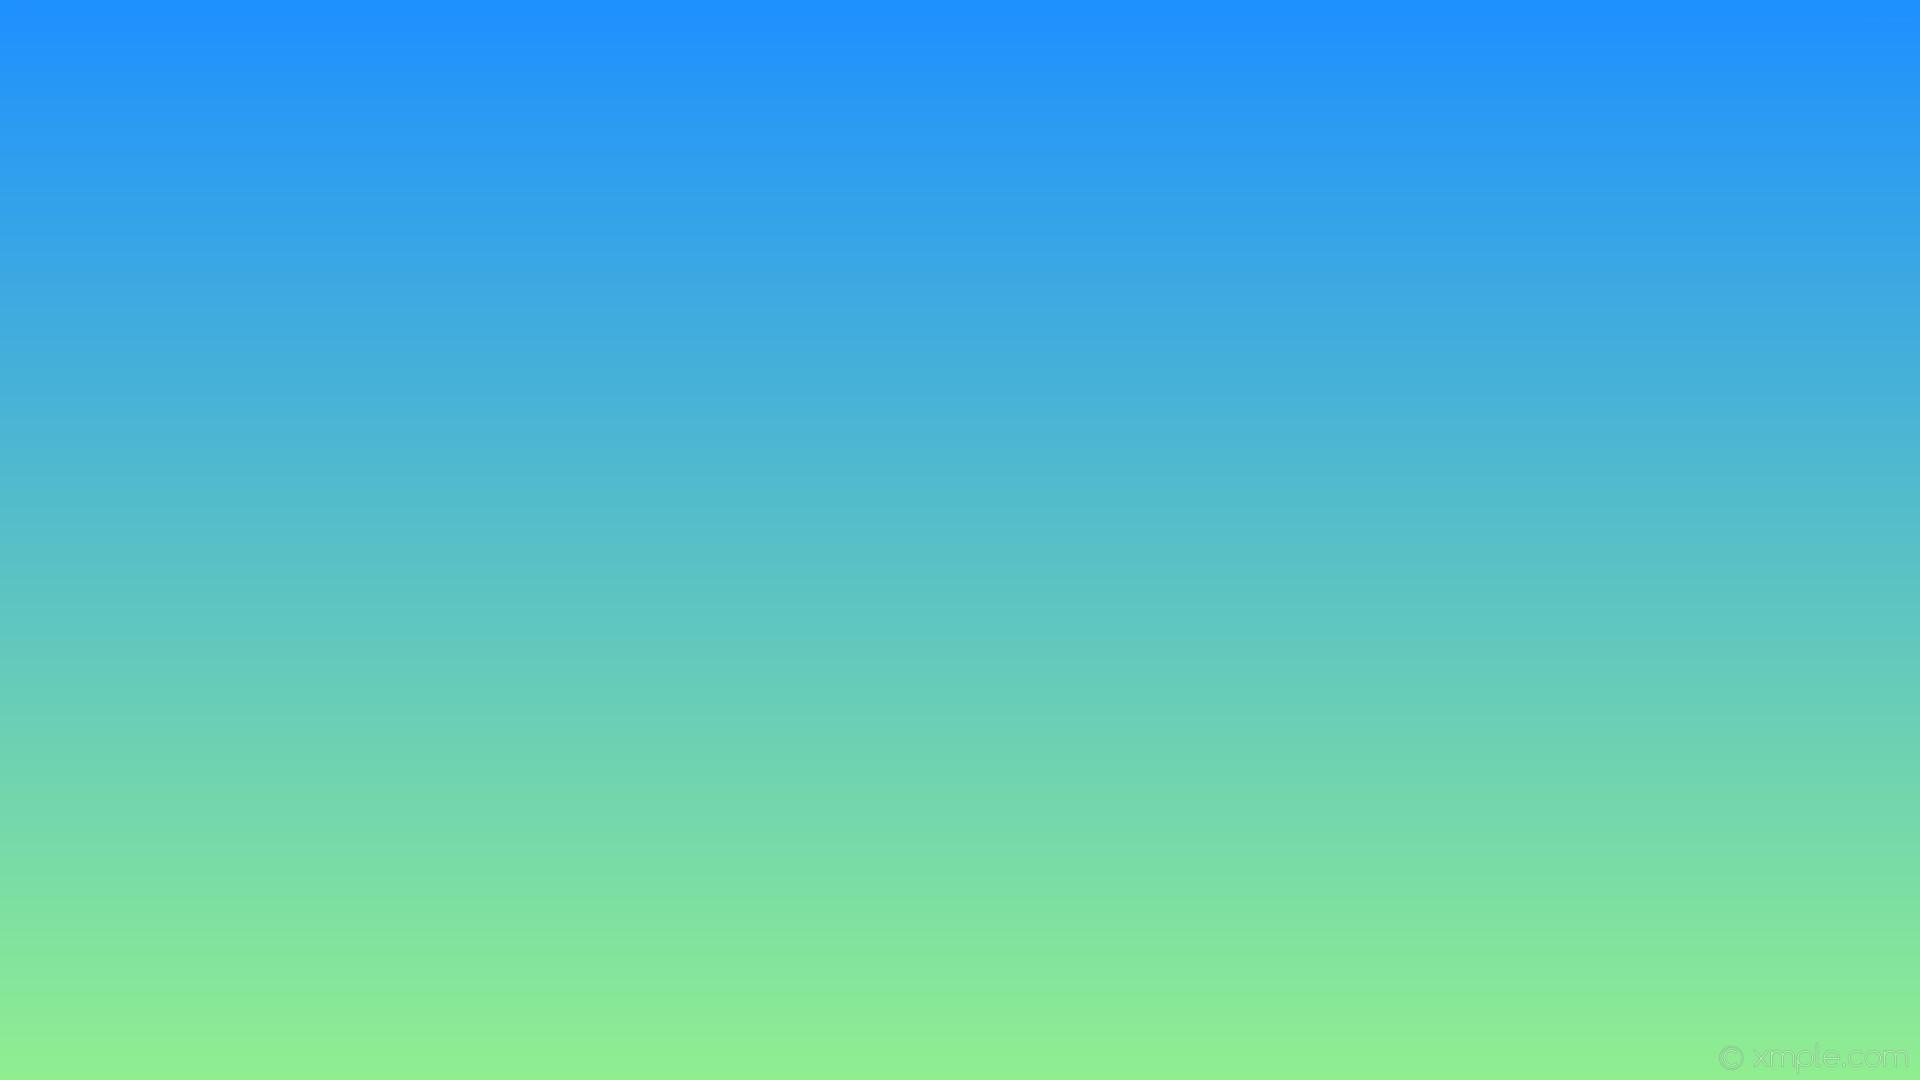 wallpaper gradient blue green linear dodger blue light green #1e90ff  #90ee90 90°